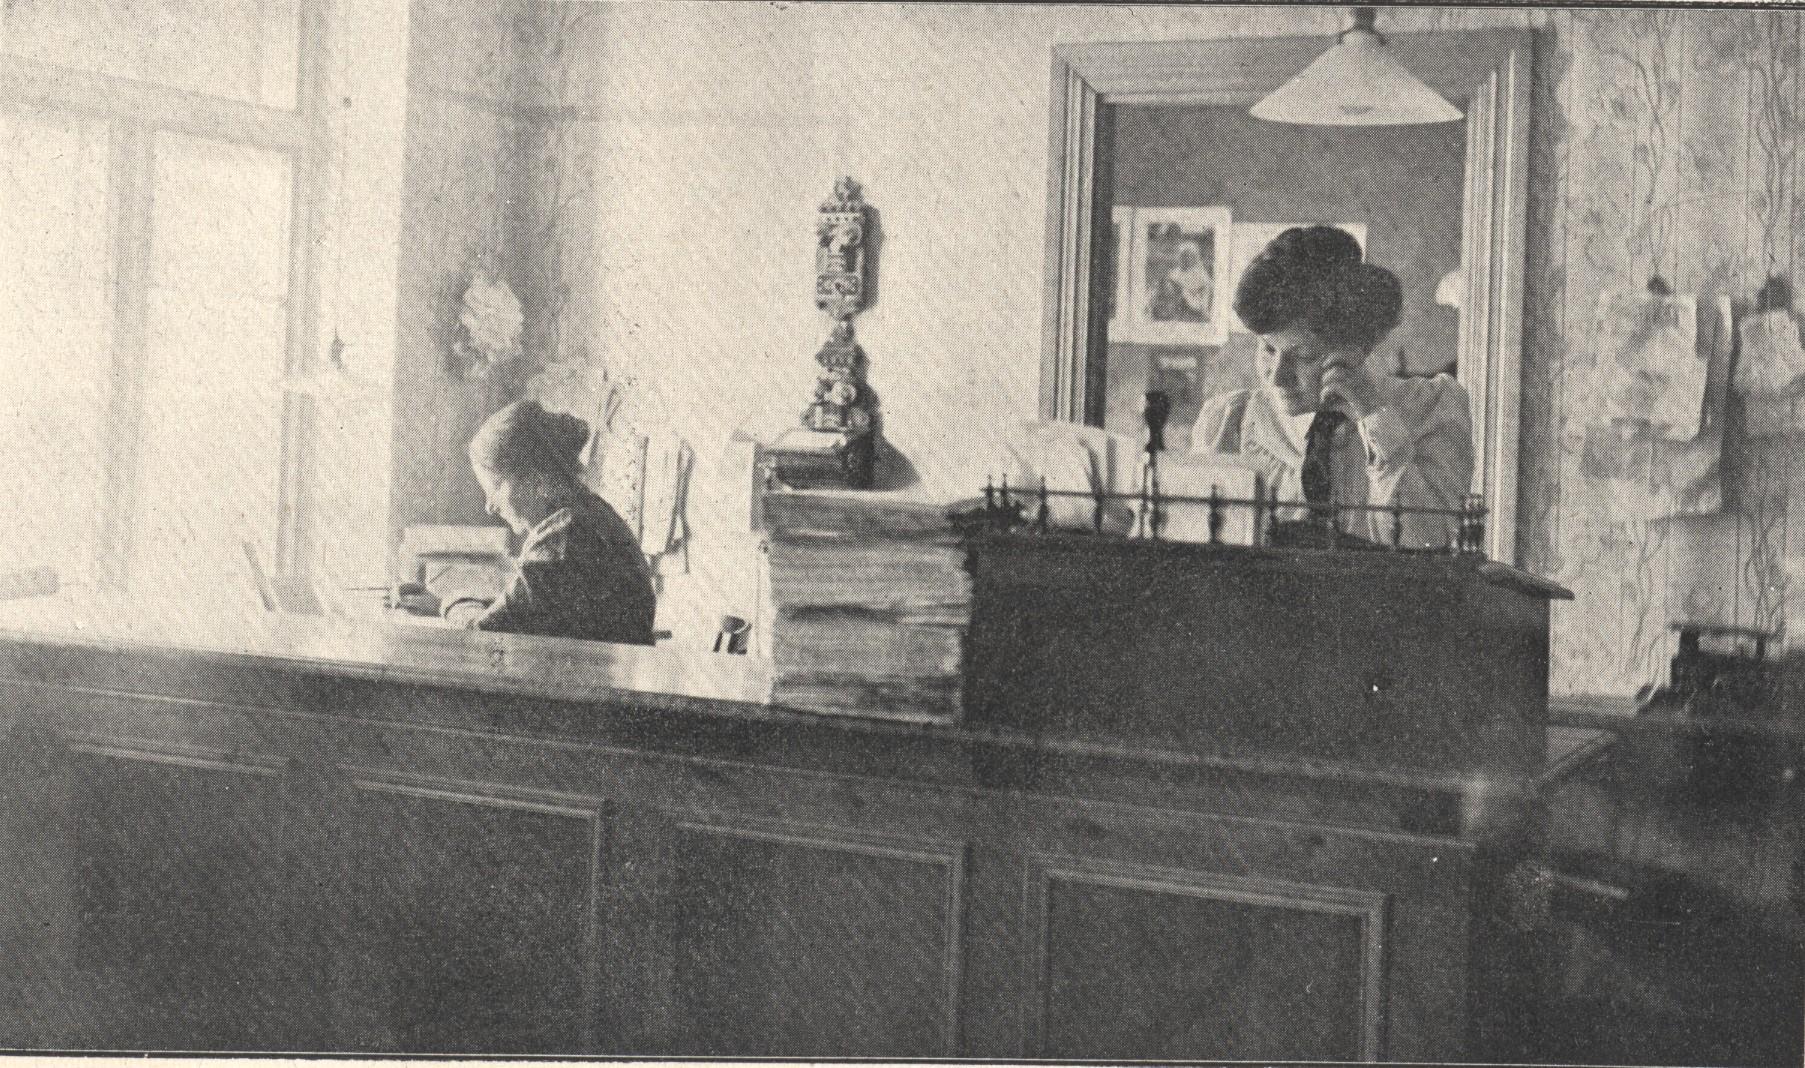 Alavus Ikkunat Oy jatkaa vuonna 1917 alkaneita Alavus ikkunoiden ja parvekeovien perinteitä